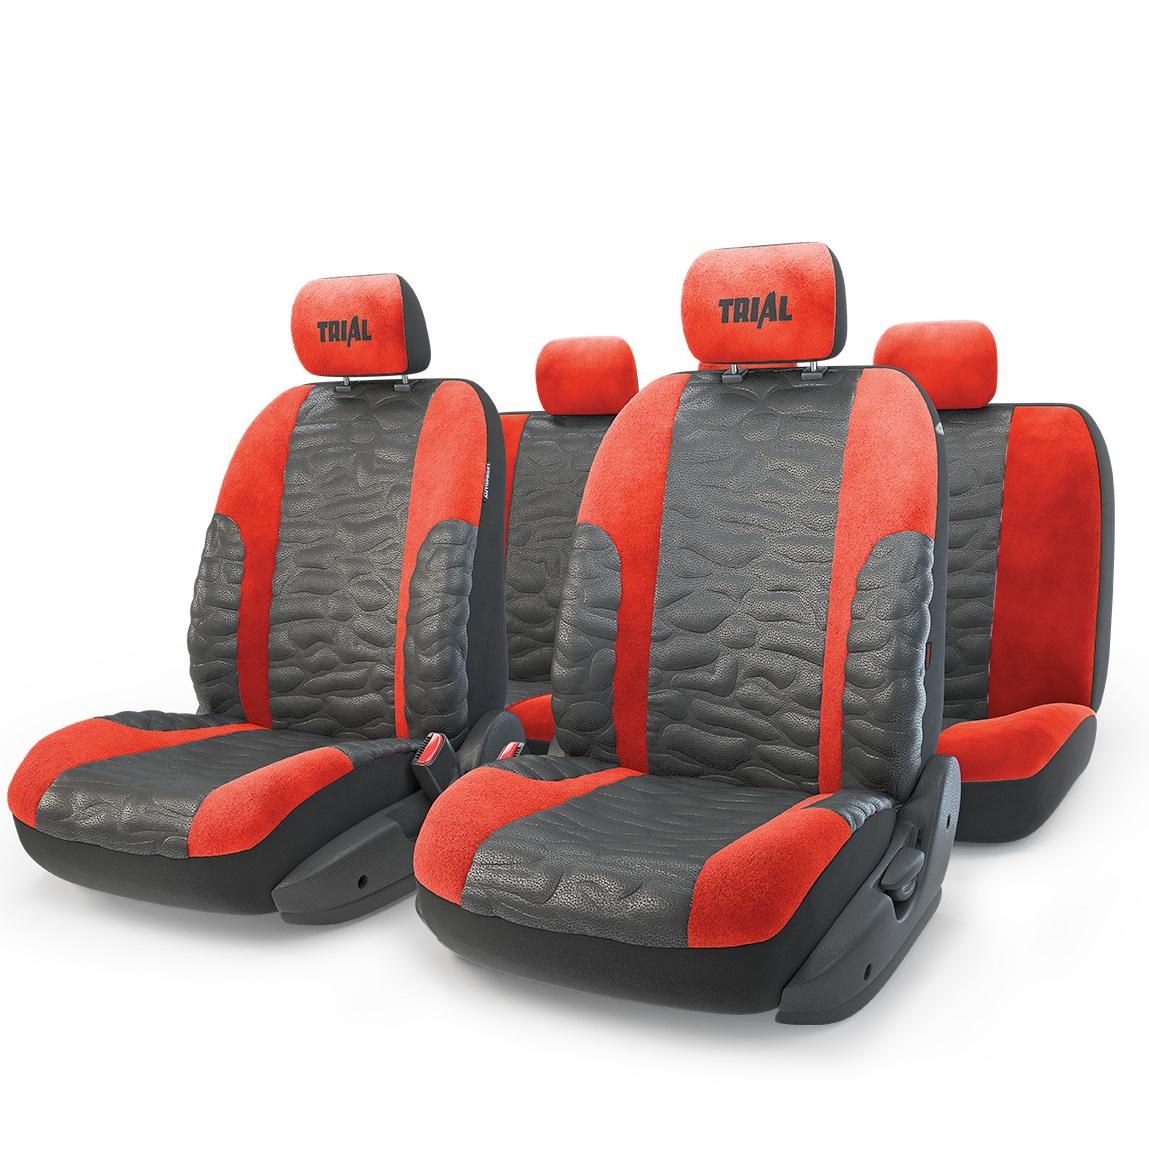 Чехол на сиденье AutoprofiЧехлы на сиденья<br>Тип: чехол,<br>Материал: имитация кожи/алькантара,<br>Цвет: черный/красный<br>